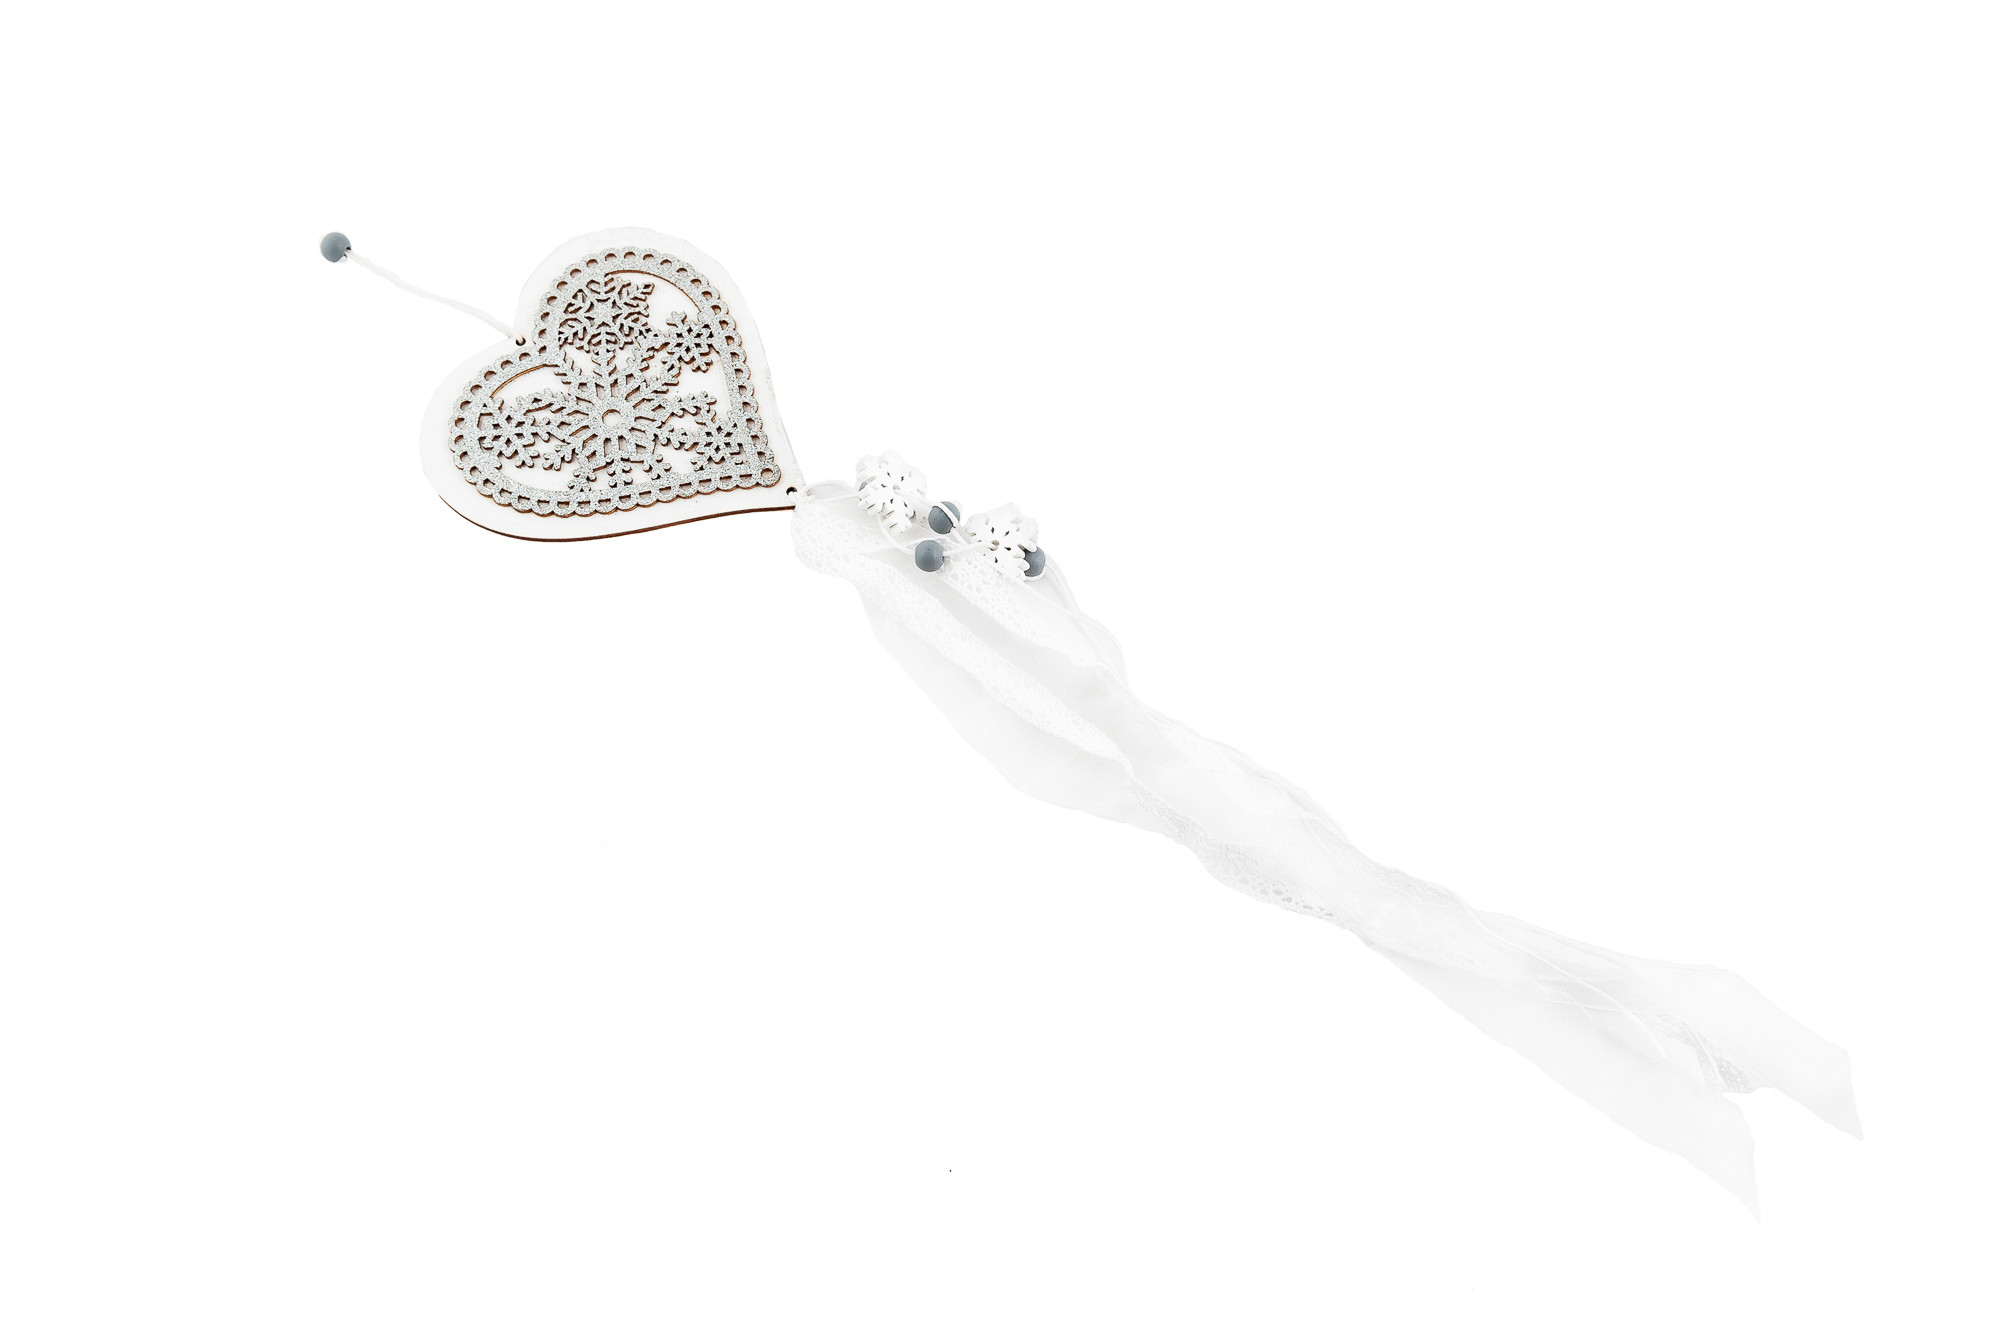 Srdce - závěs se stříbrným zdobením